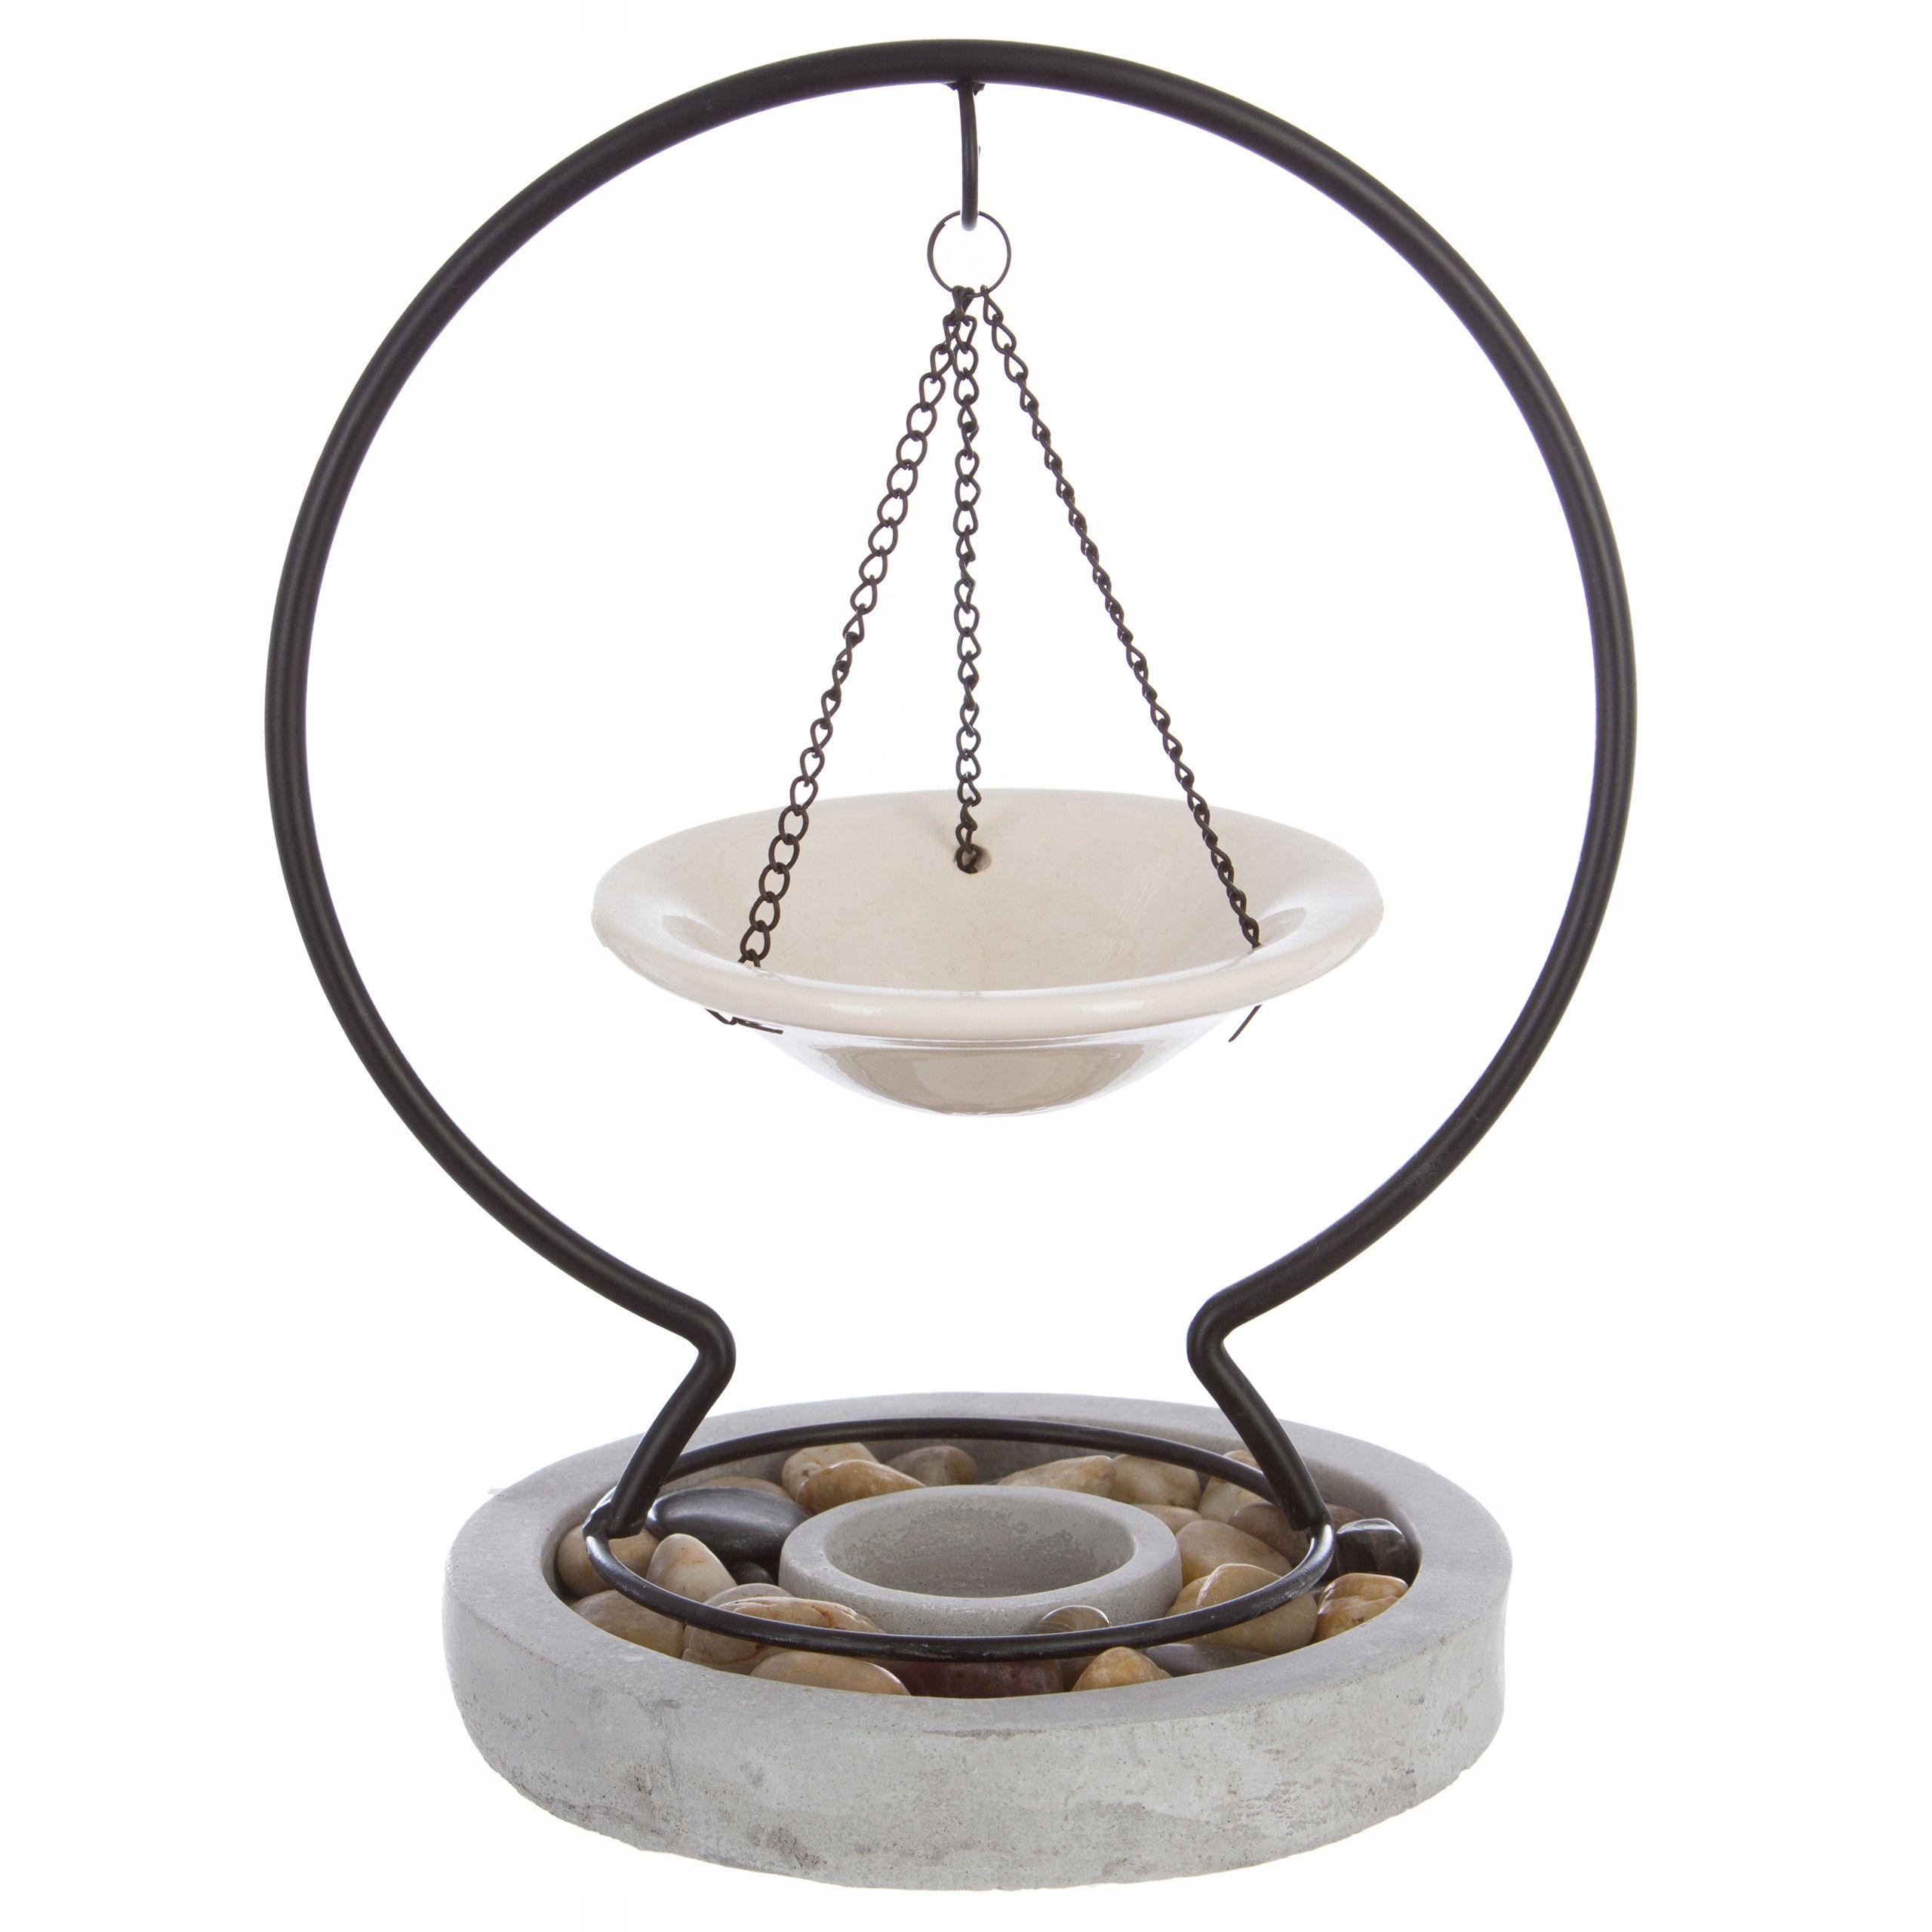 Kominek Na Wosk Zapachowy I Olejki Eteryczne 8869168681 Oficjalne Archiwum Allegro Mirror Table Home And Living Mirror